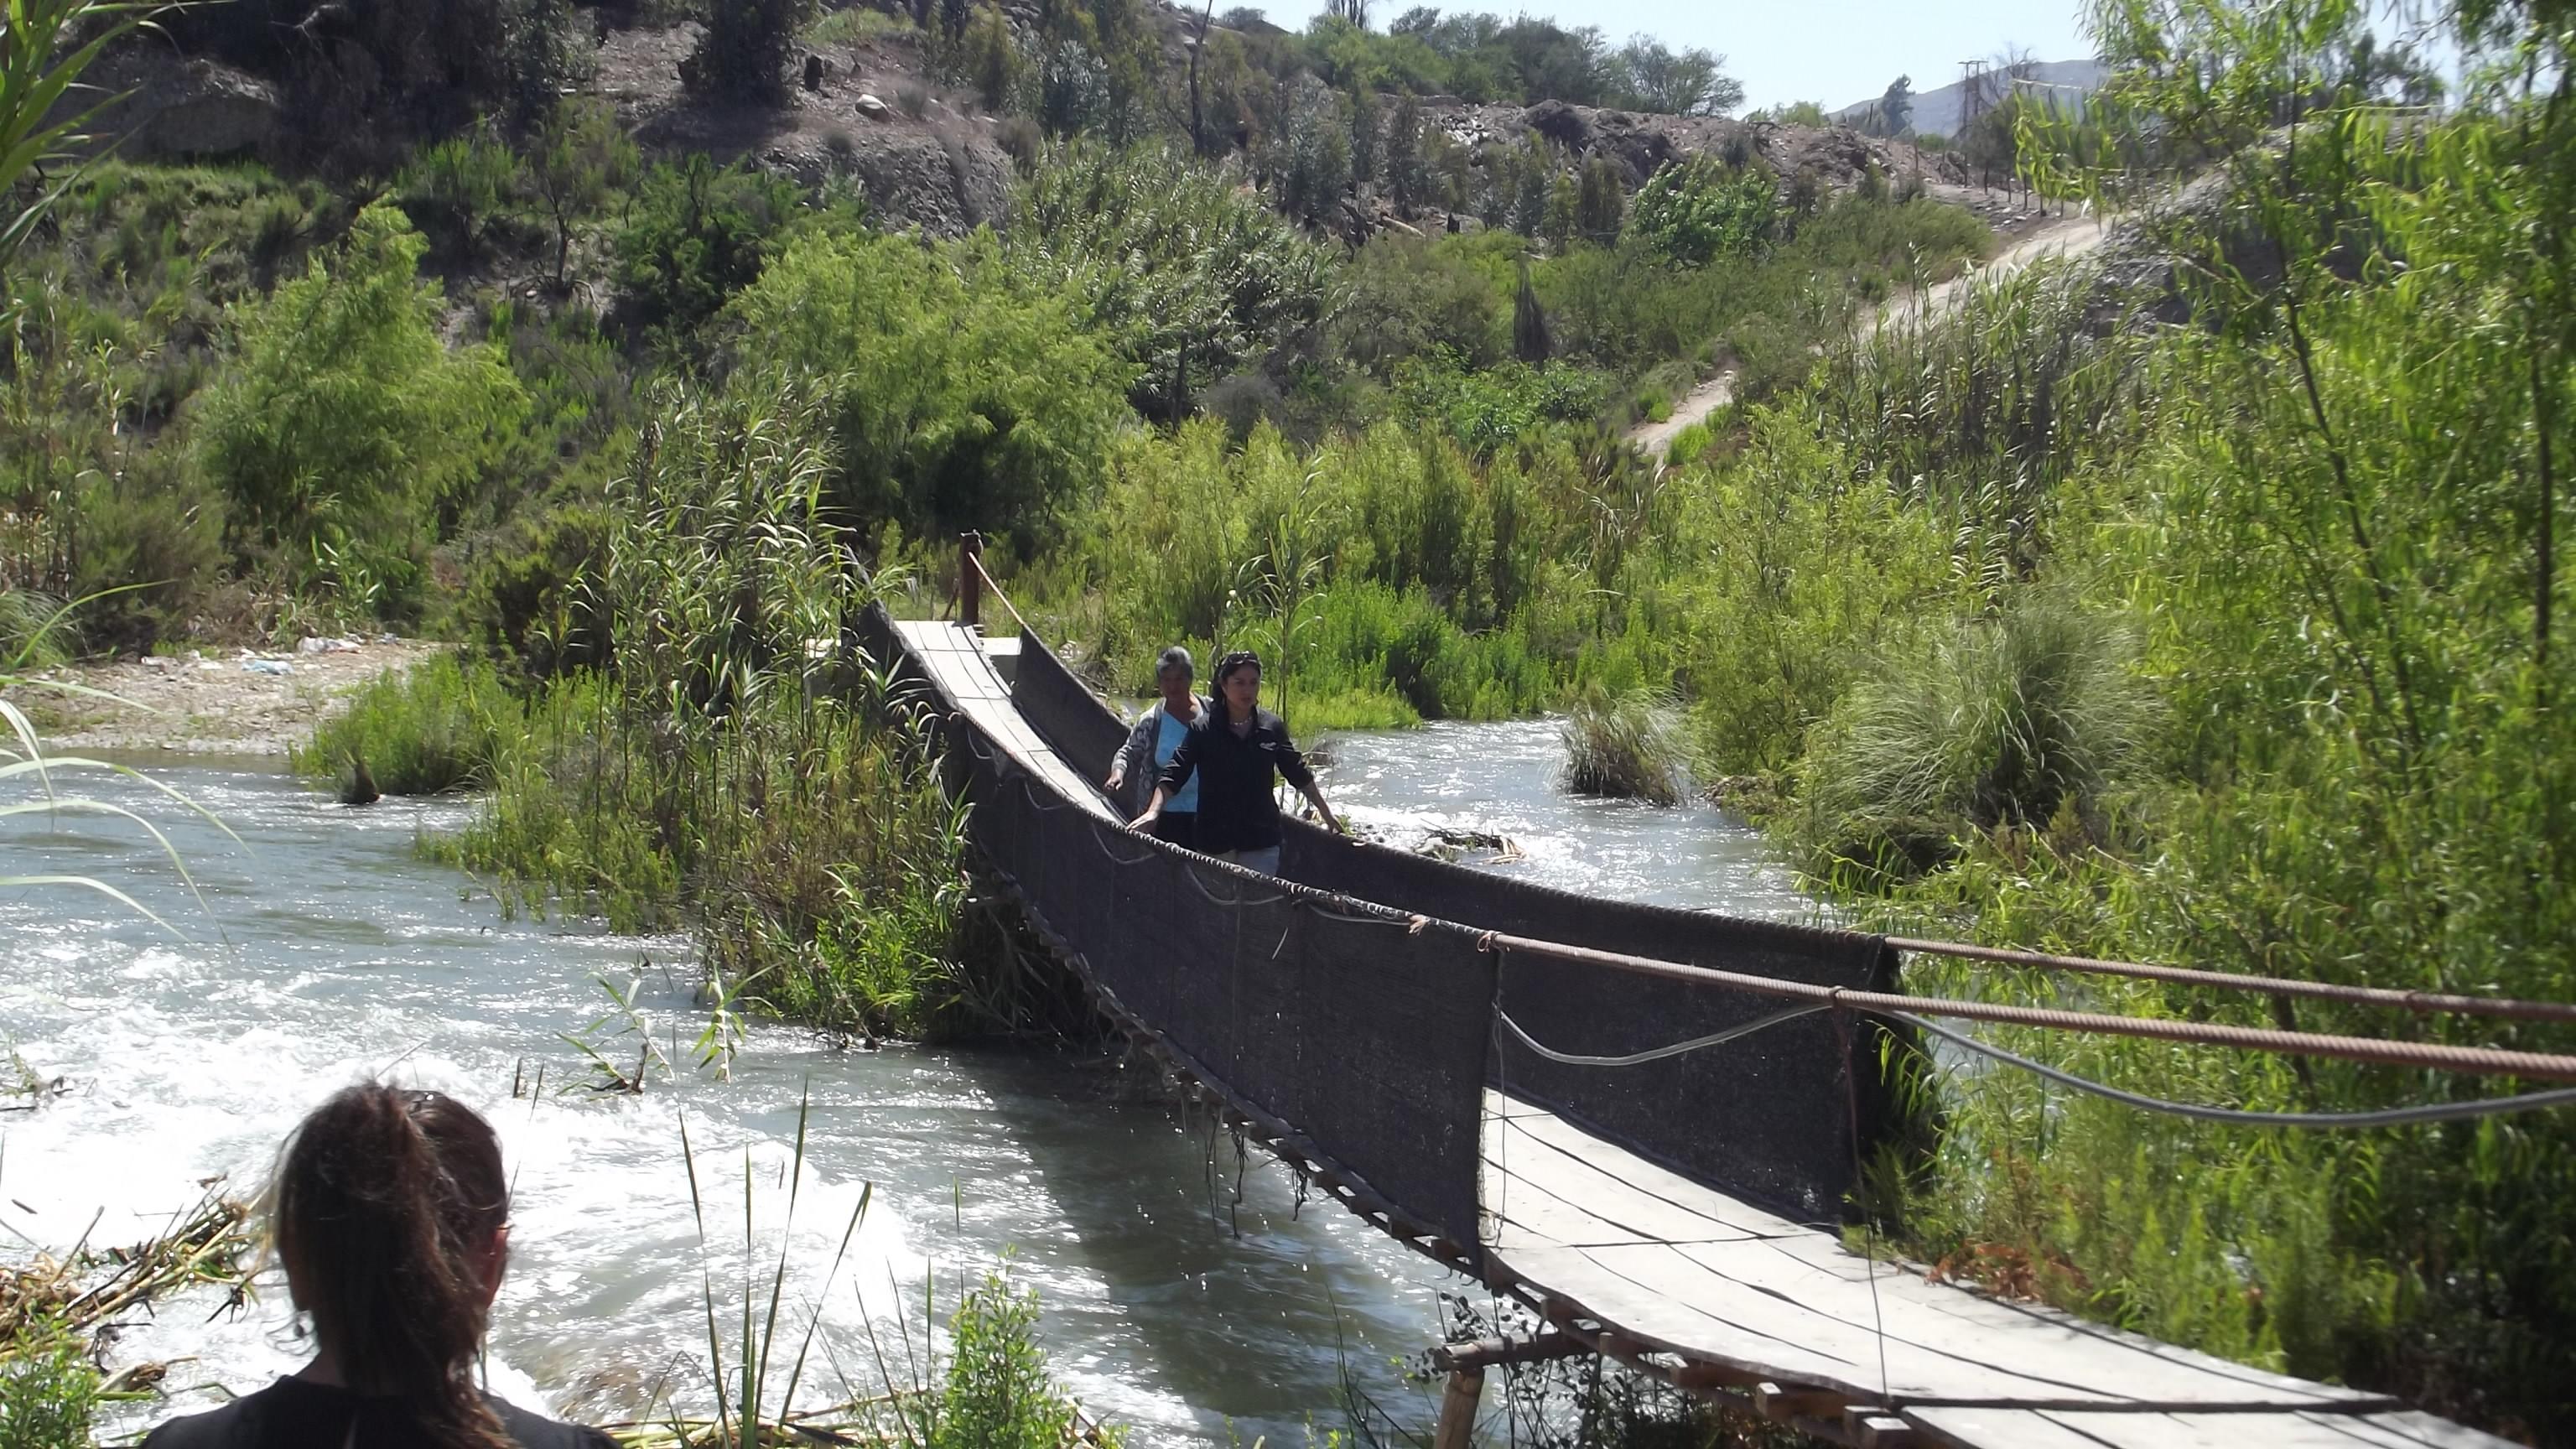 Compleja situación de agricultores con crecida del río Huasco en Vallenar